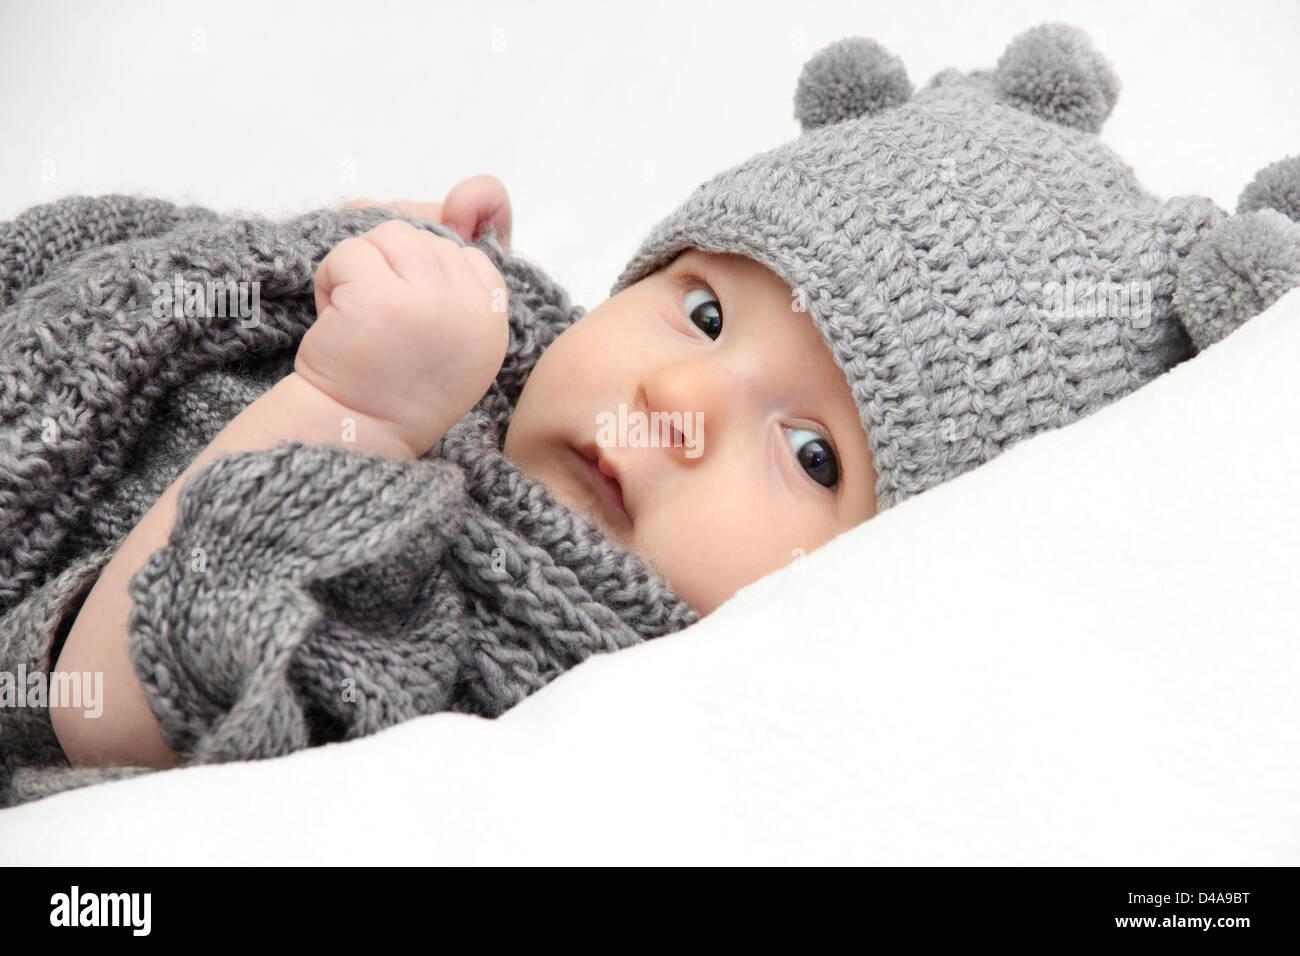 Hermoso bebé en gorro de punto gris Imagen De Stock